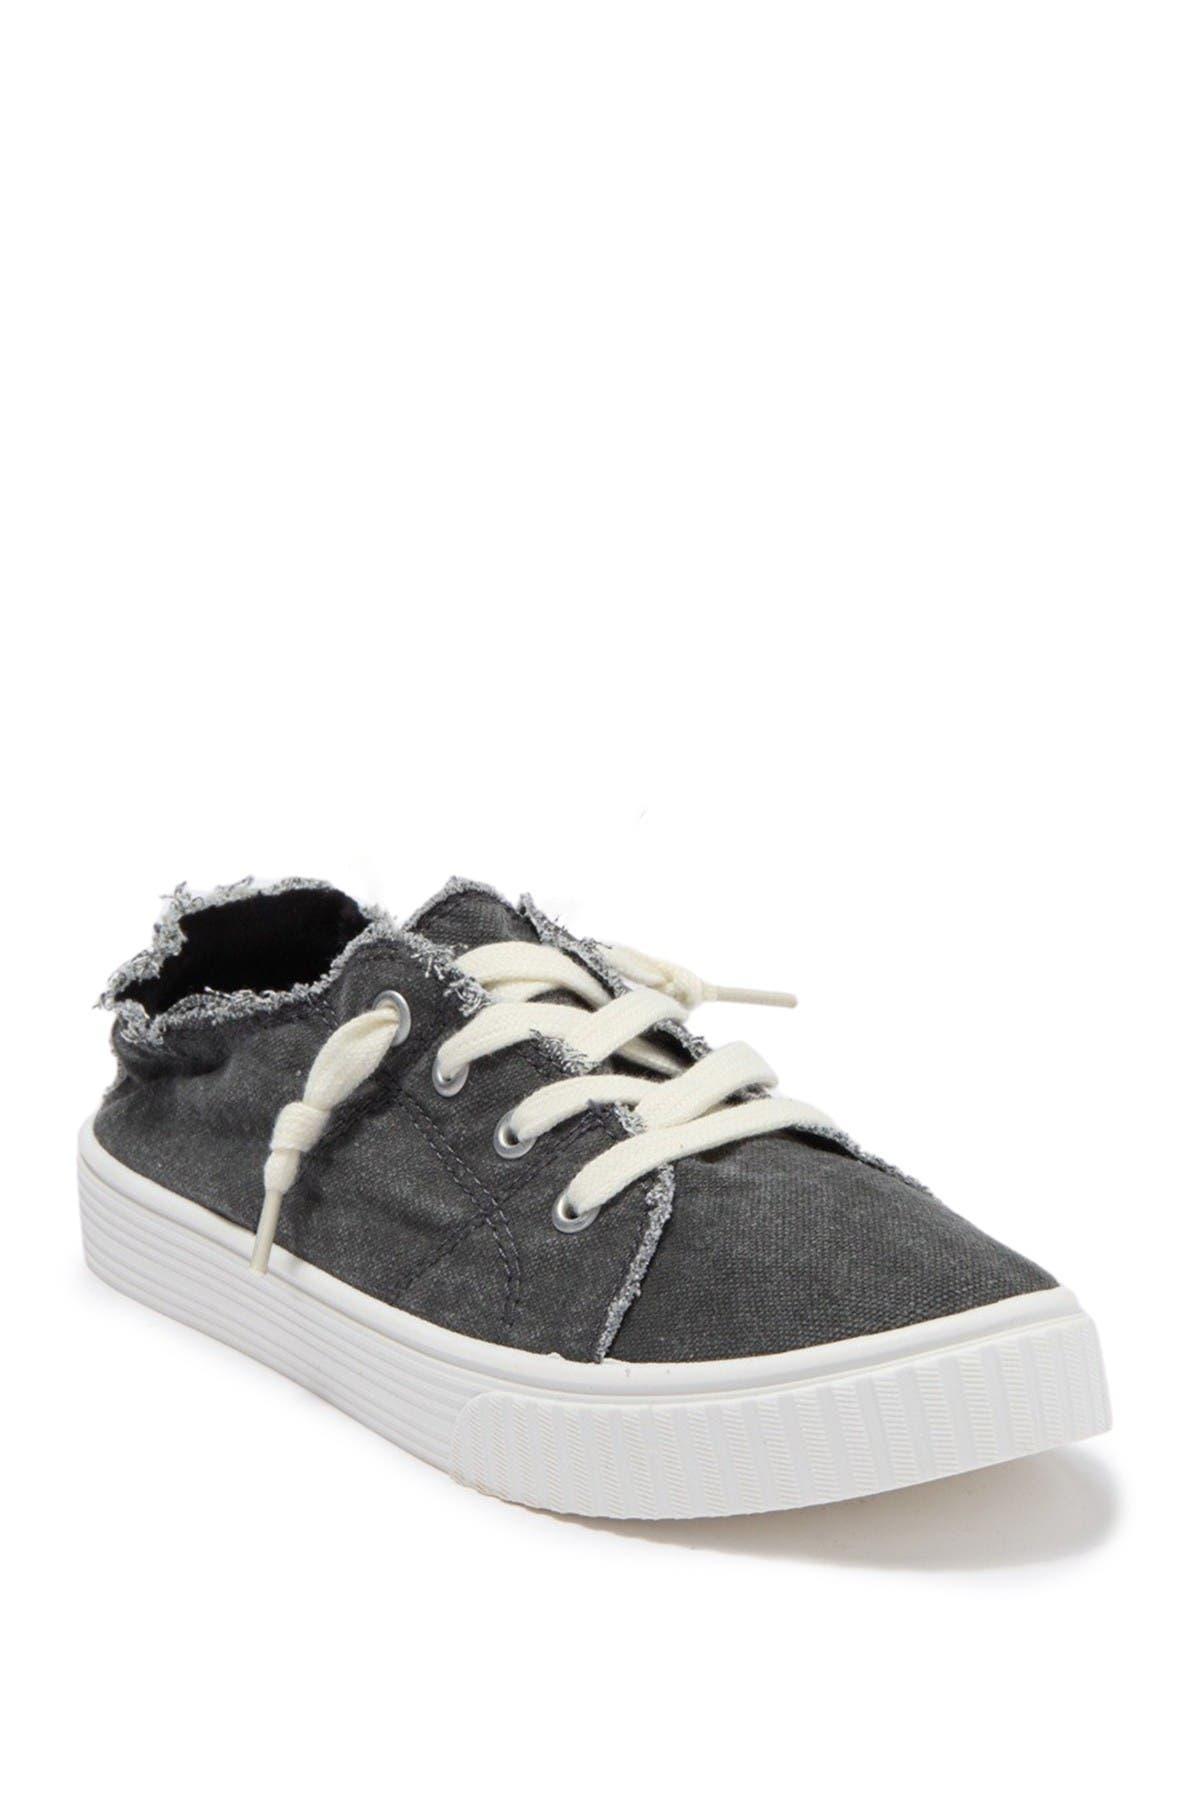 Madden Girl | Maris Slip-On Sneaker